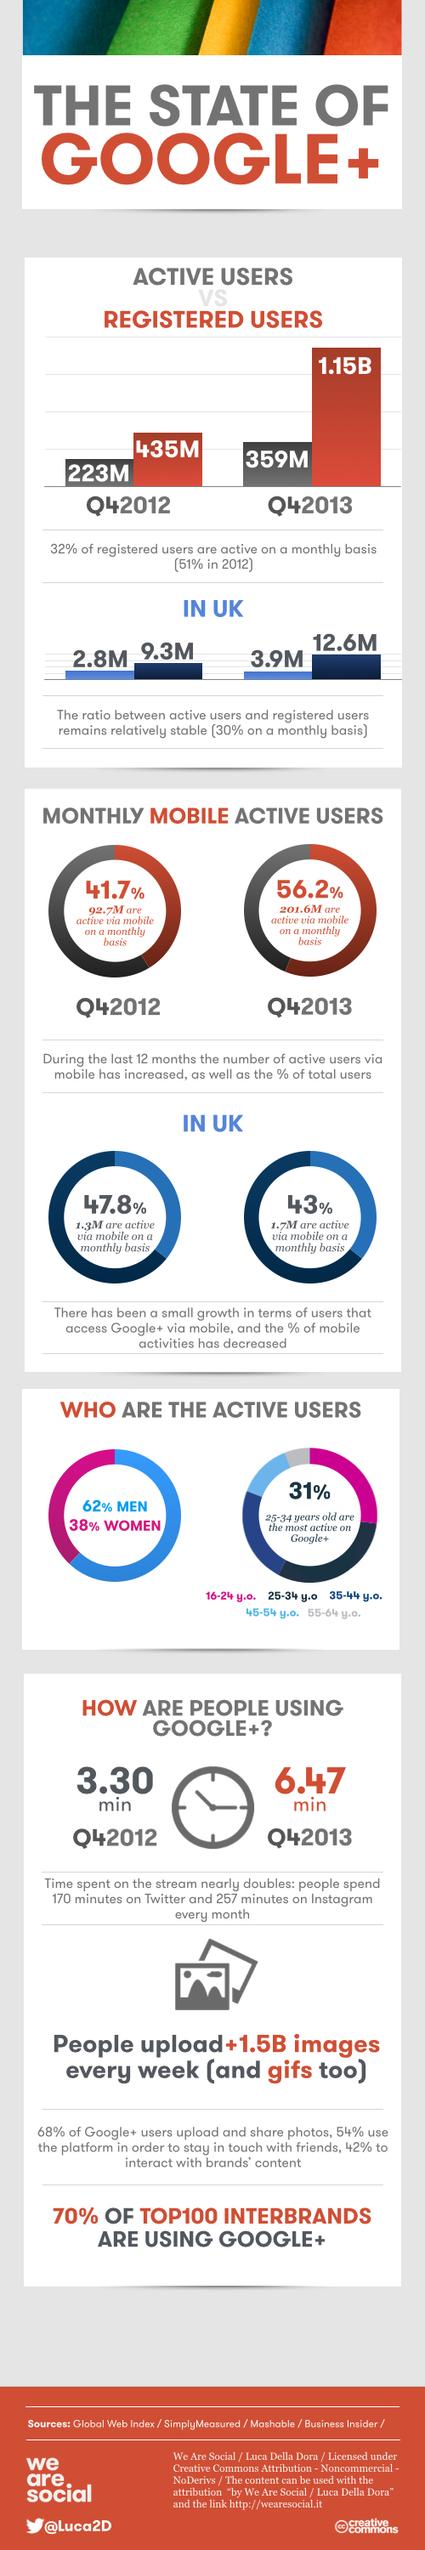 Seulement 35% des Utilisateurs Google Plus seraient Actifs au Q4 2013 | Emarketinglicious | transition digitale : RSE, community manager, collaboration | Scoop.it